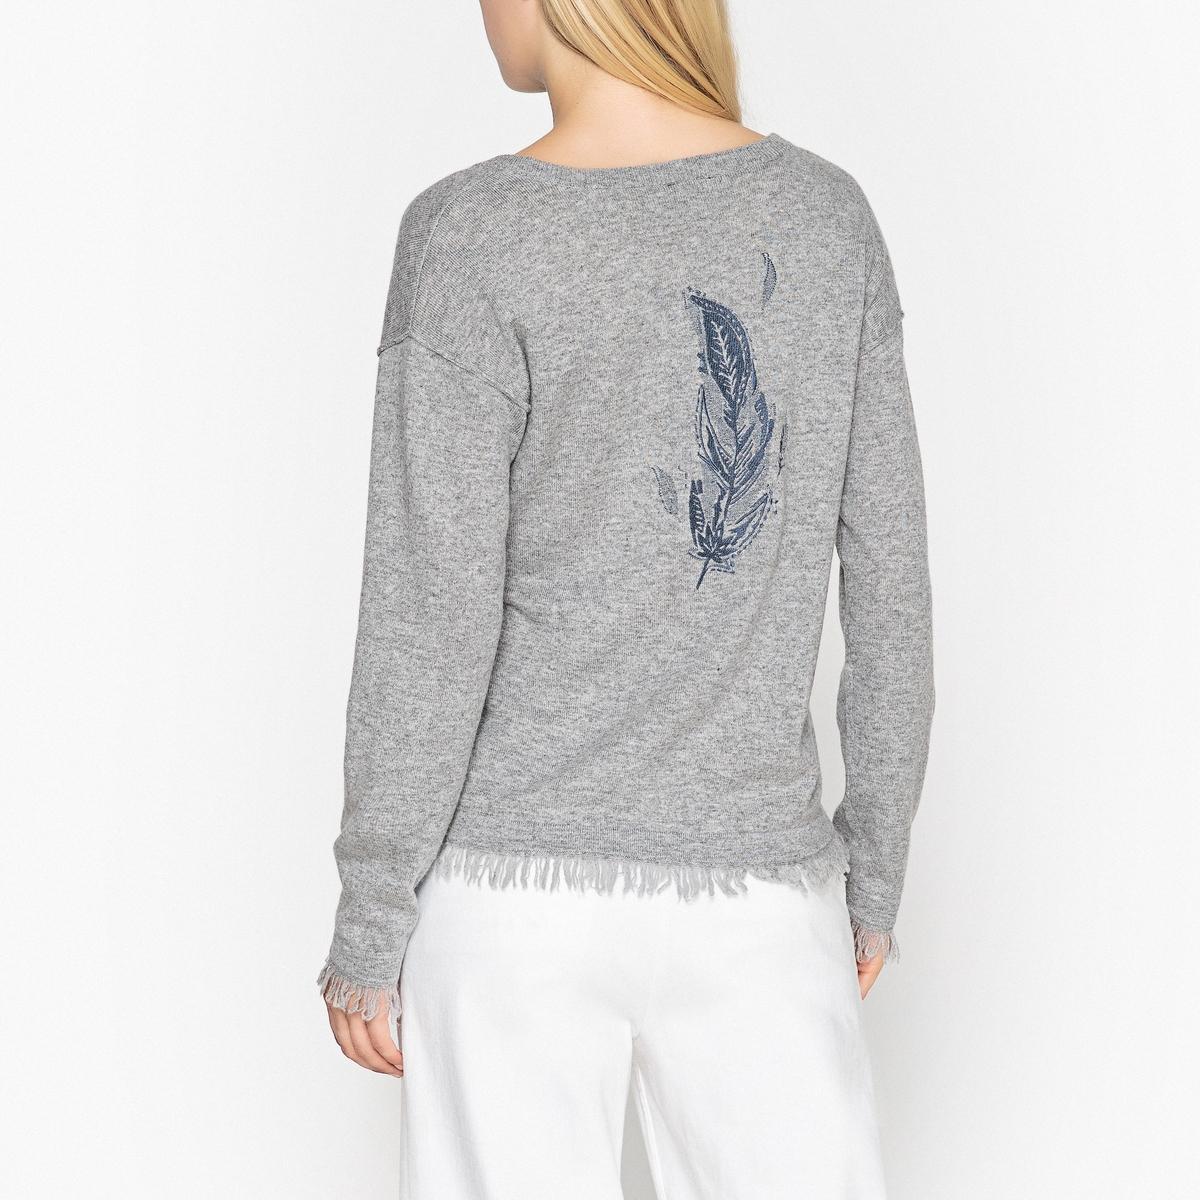 Пуловер с V-образным вырезом, GORDON пуловер из кашемира с u образным вырезом